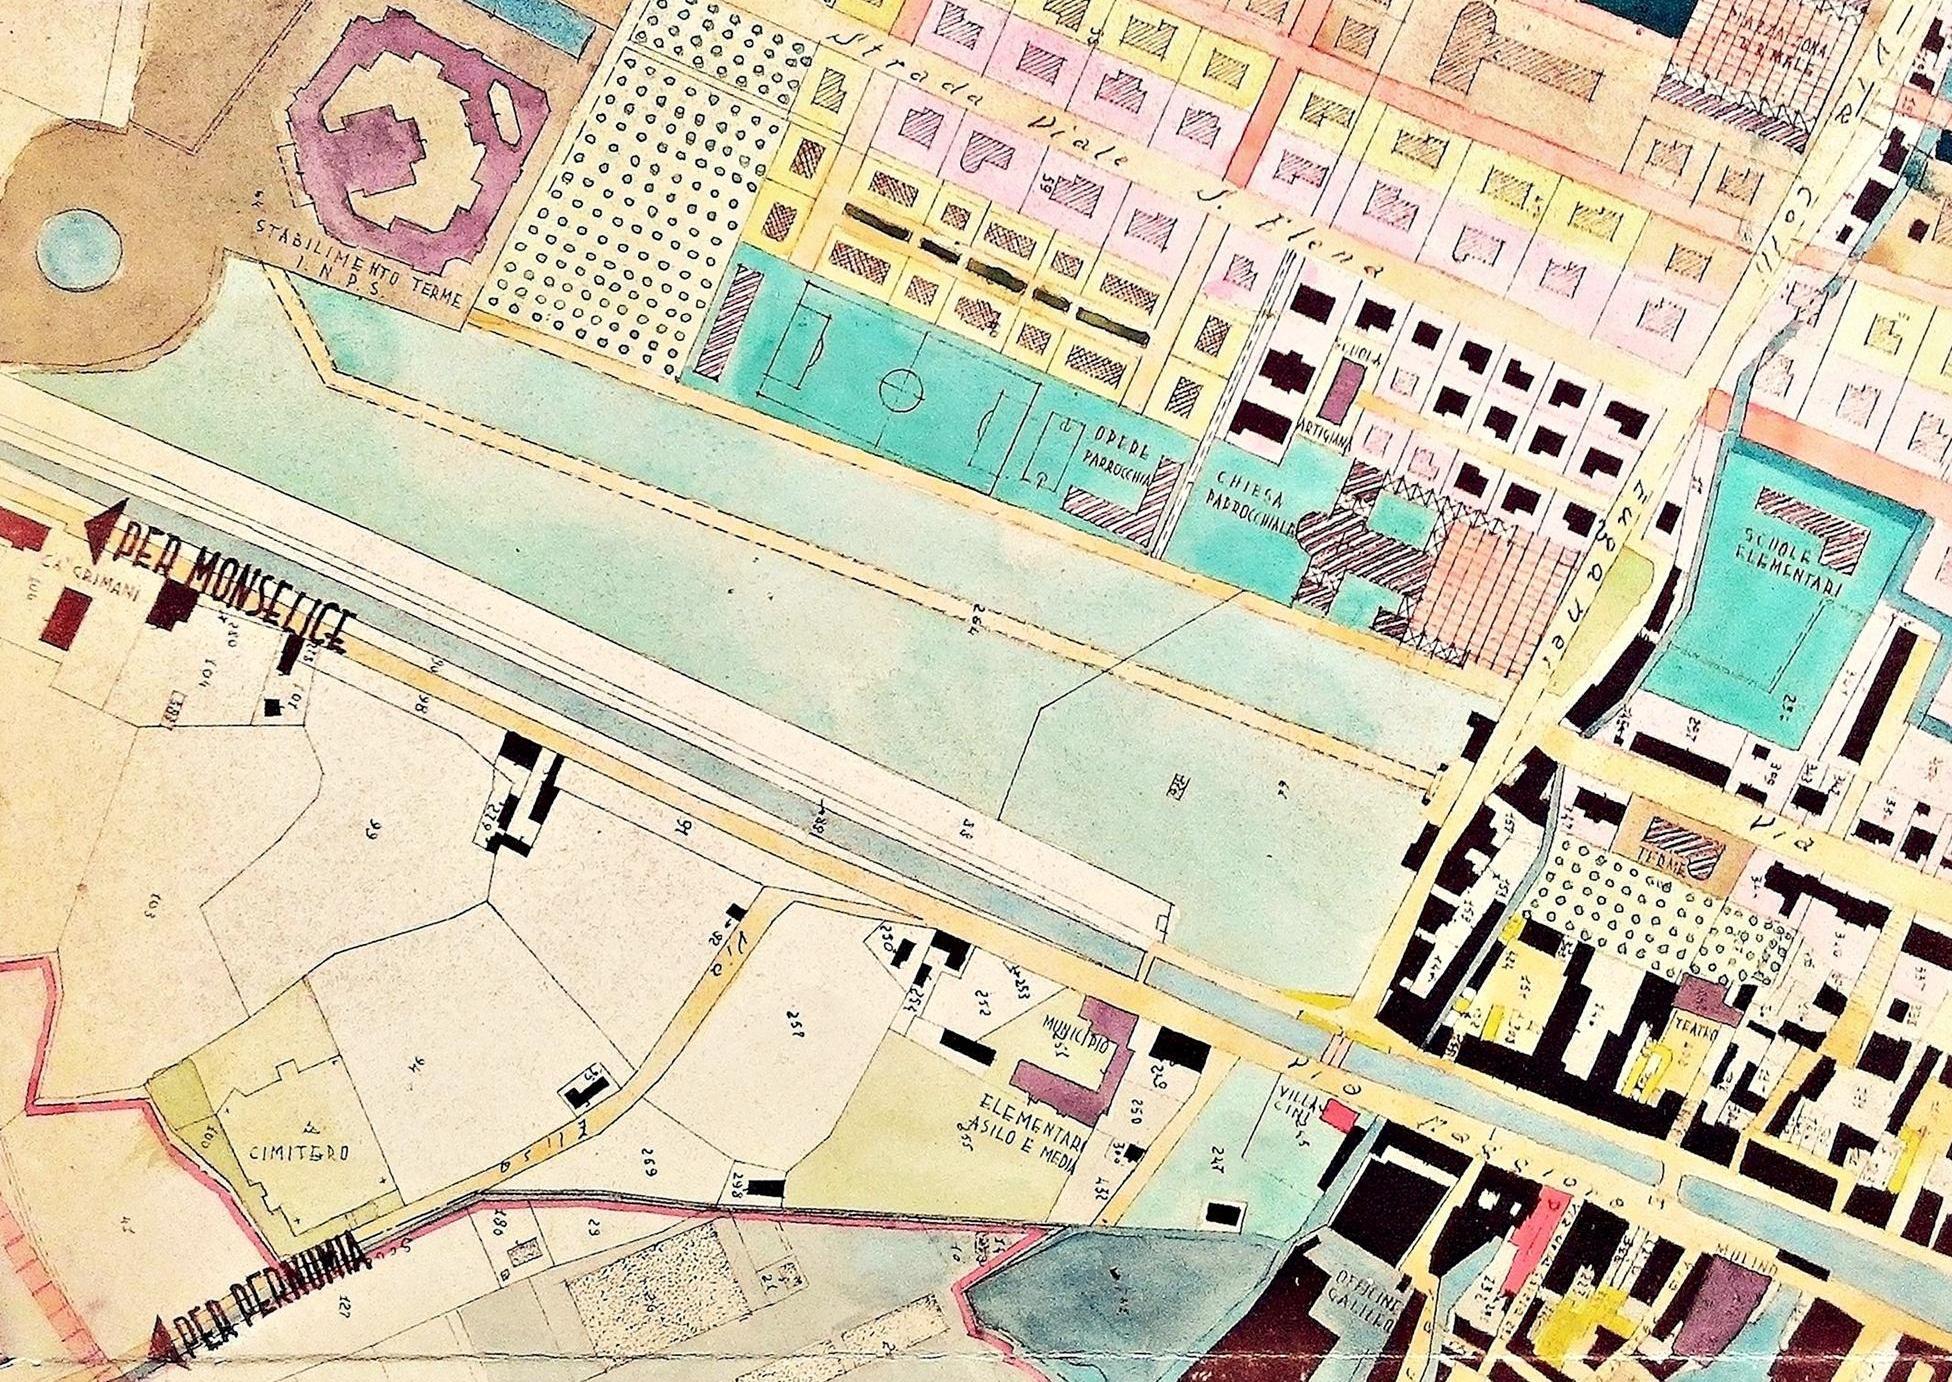 Planimetria con l'area interessata all'edificazione della nuova chiesa di Battaglia Terme e delle opere parrocchiali.